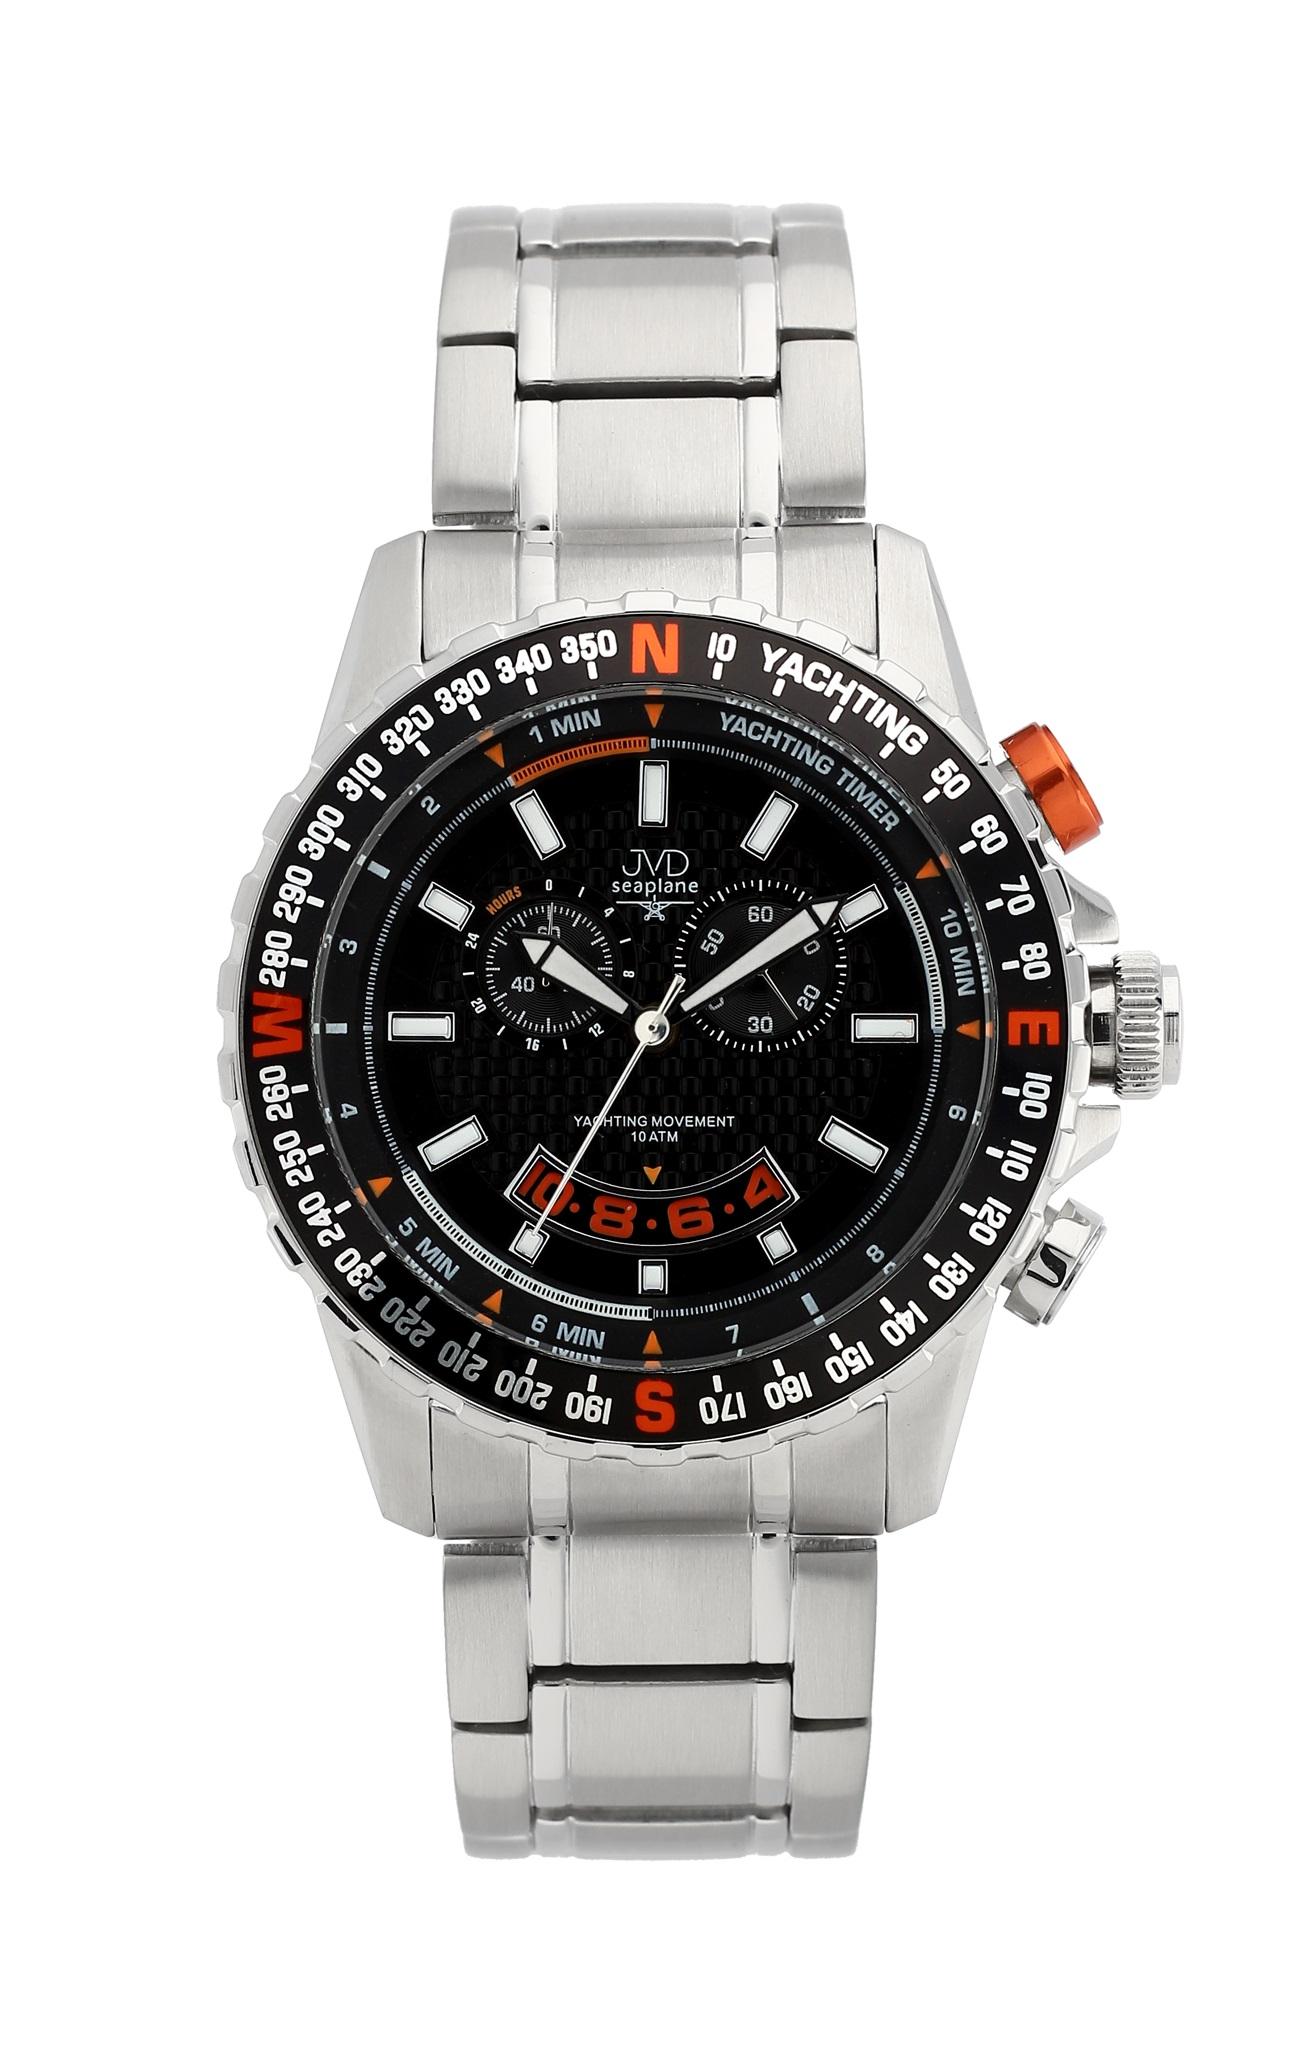 Vysoce odolené sportovní vodotěsné hodinky JVD seaplane J1096.2 - chronograf